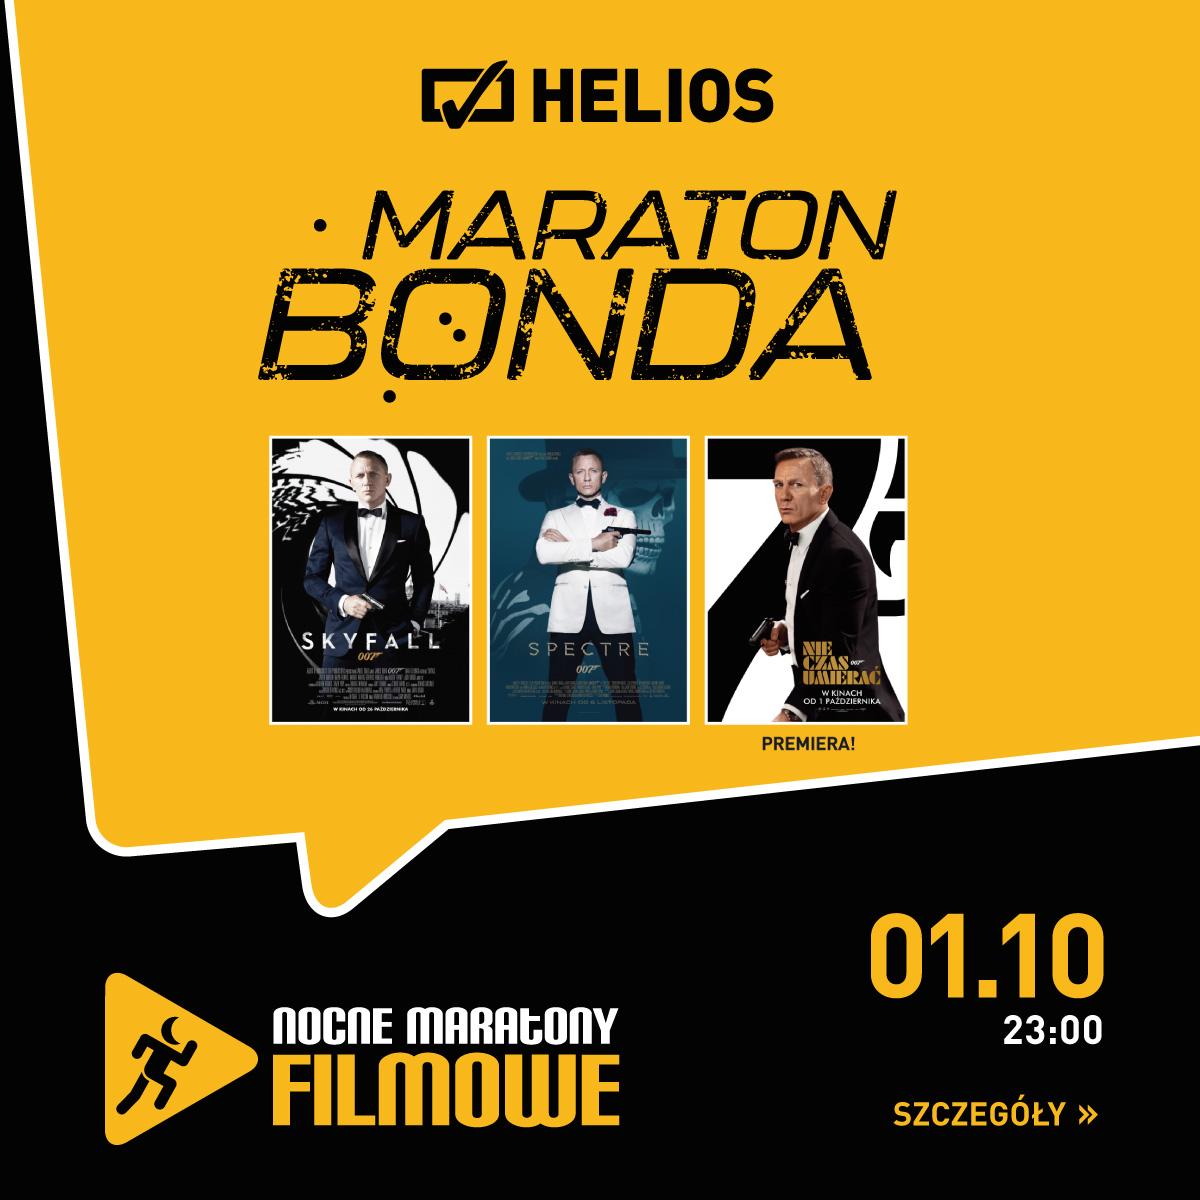 Maraton Bonda Helios